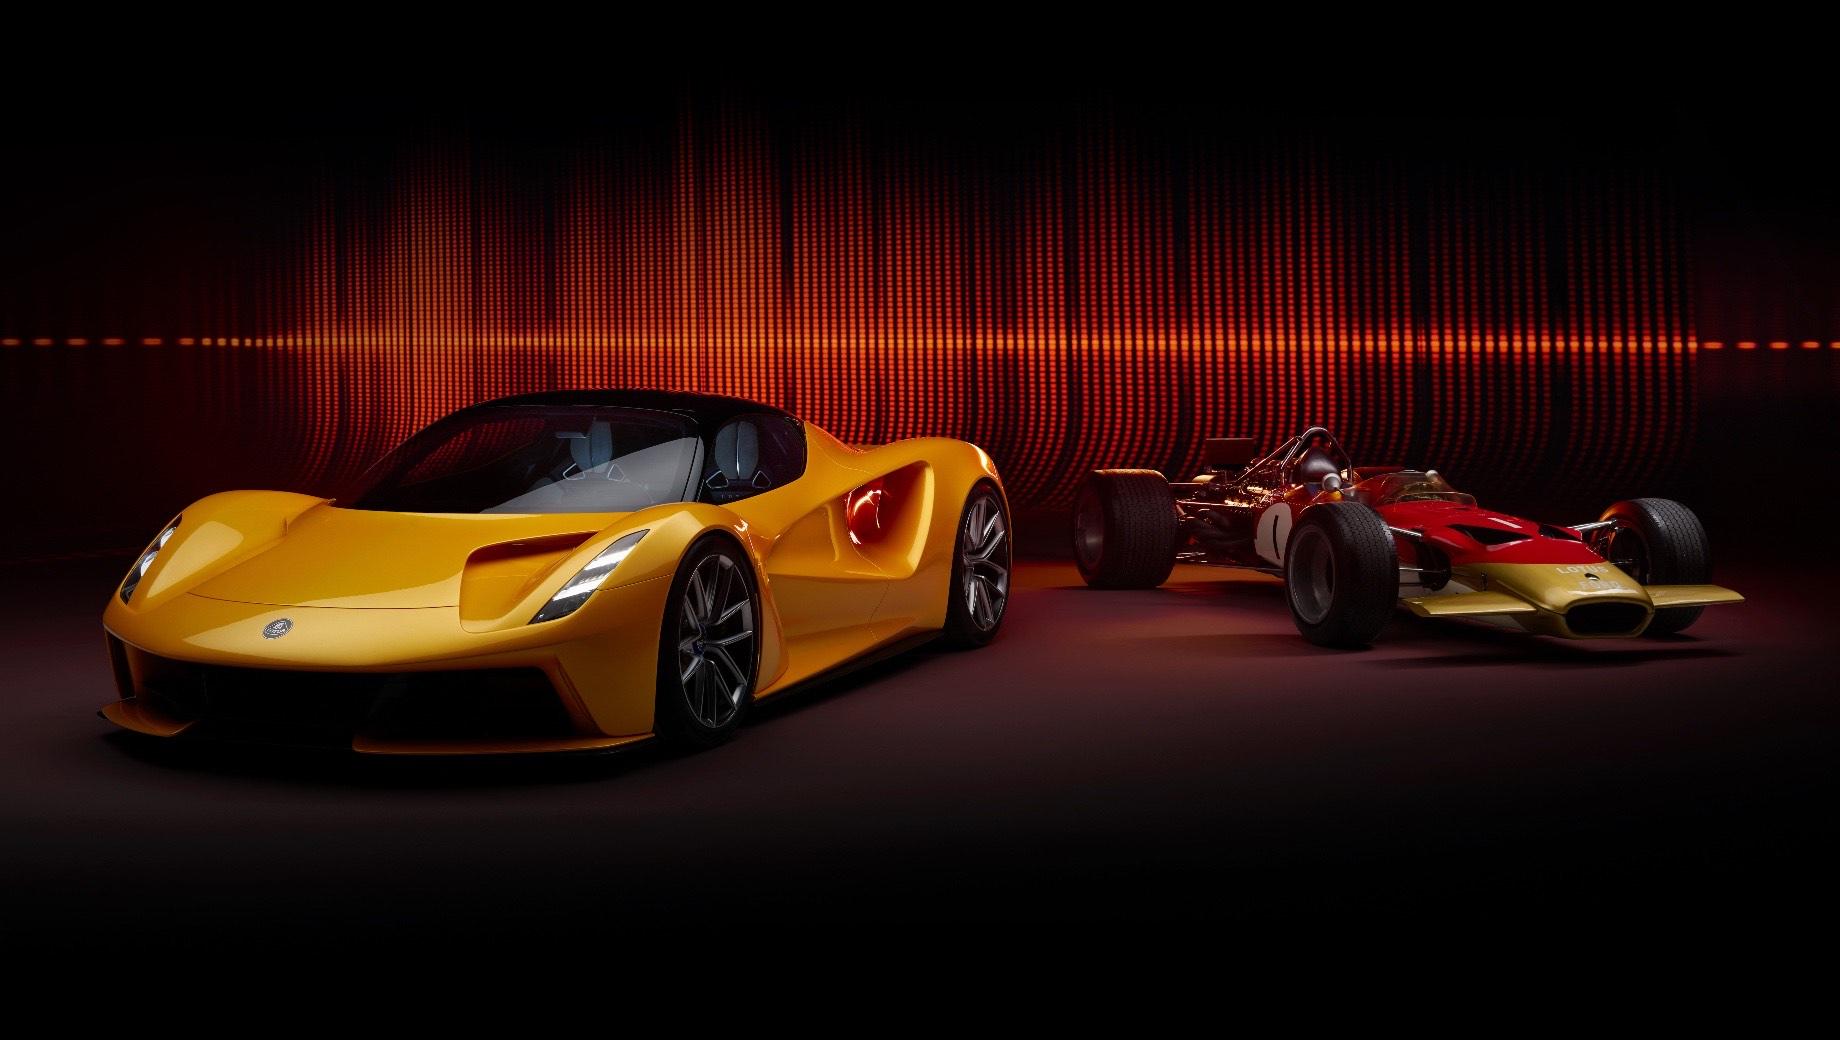 Lotus evija. Суммарная отдача четырёх электромоторов купе Lotus Evija составляет 2027 л.с. и 1700 Н•м. Это позволяет разгонять автомобиль массой 1680 кг до 100 км/ч менее чем за три секунды, а максимальная скорость превышает 320 км/ч. Цена — от 1,7 млн фунтов (174 млн рублей).